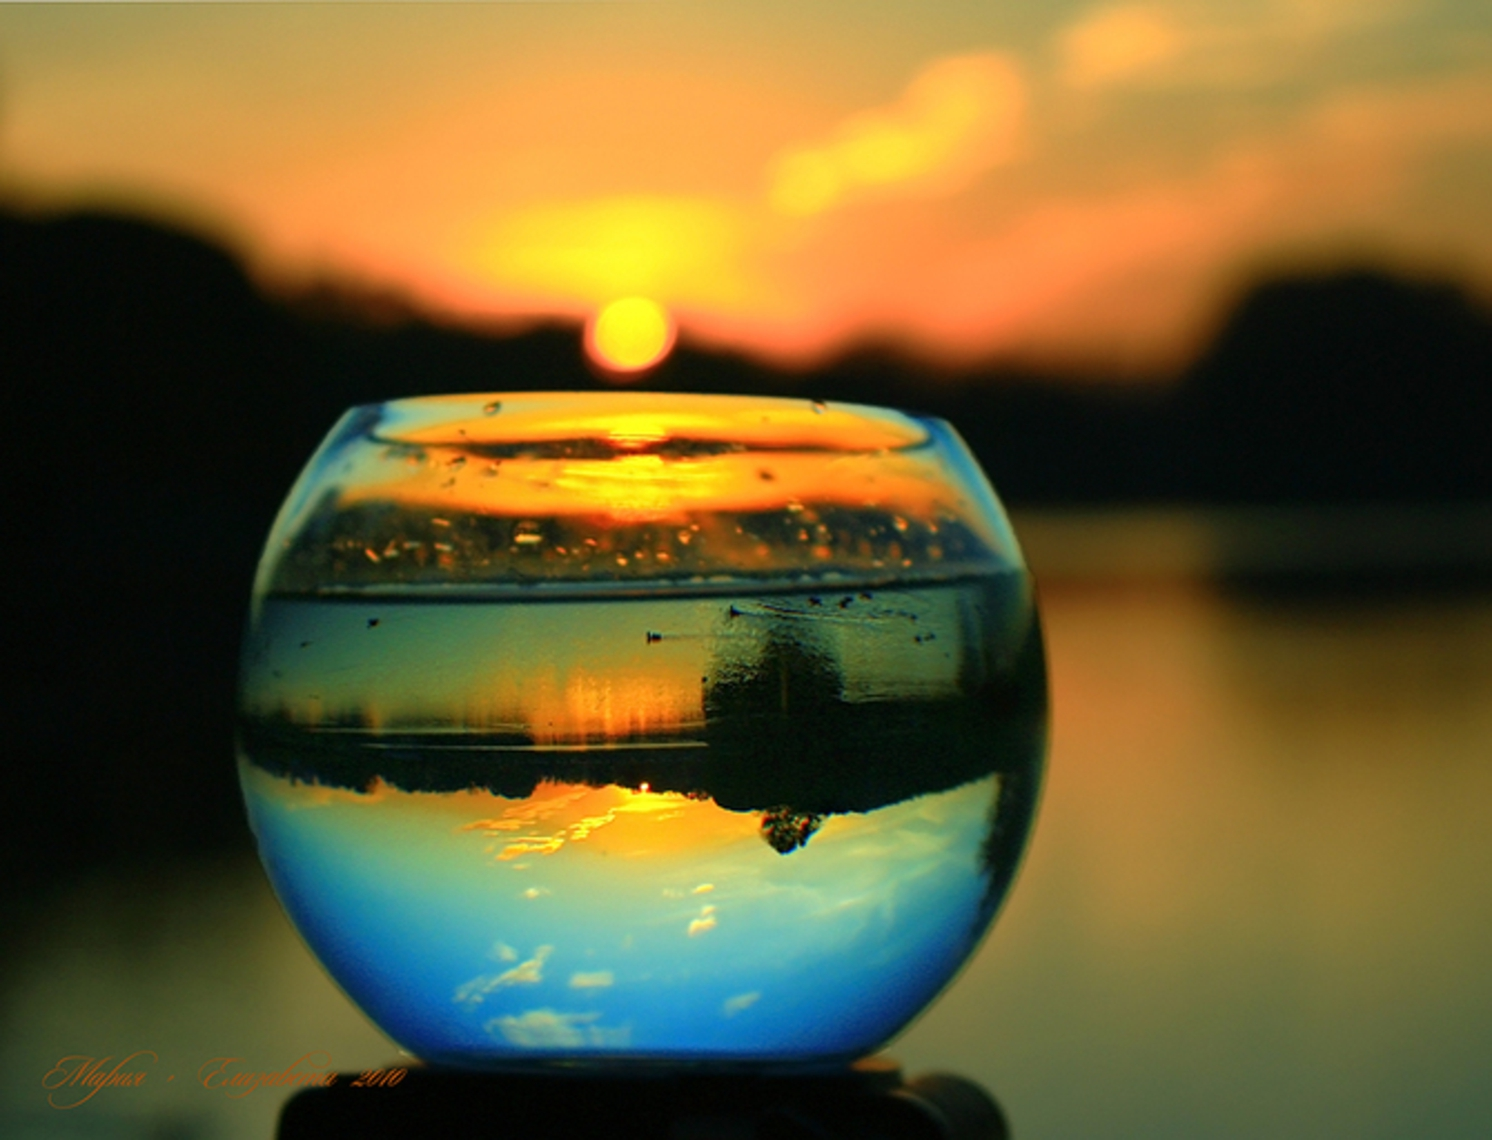 Статусы про отражение в воде